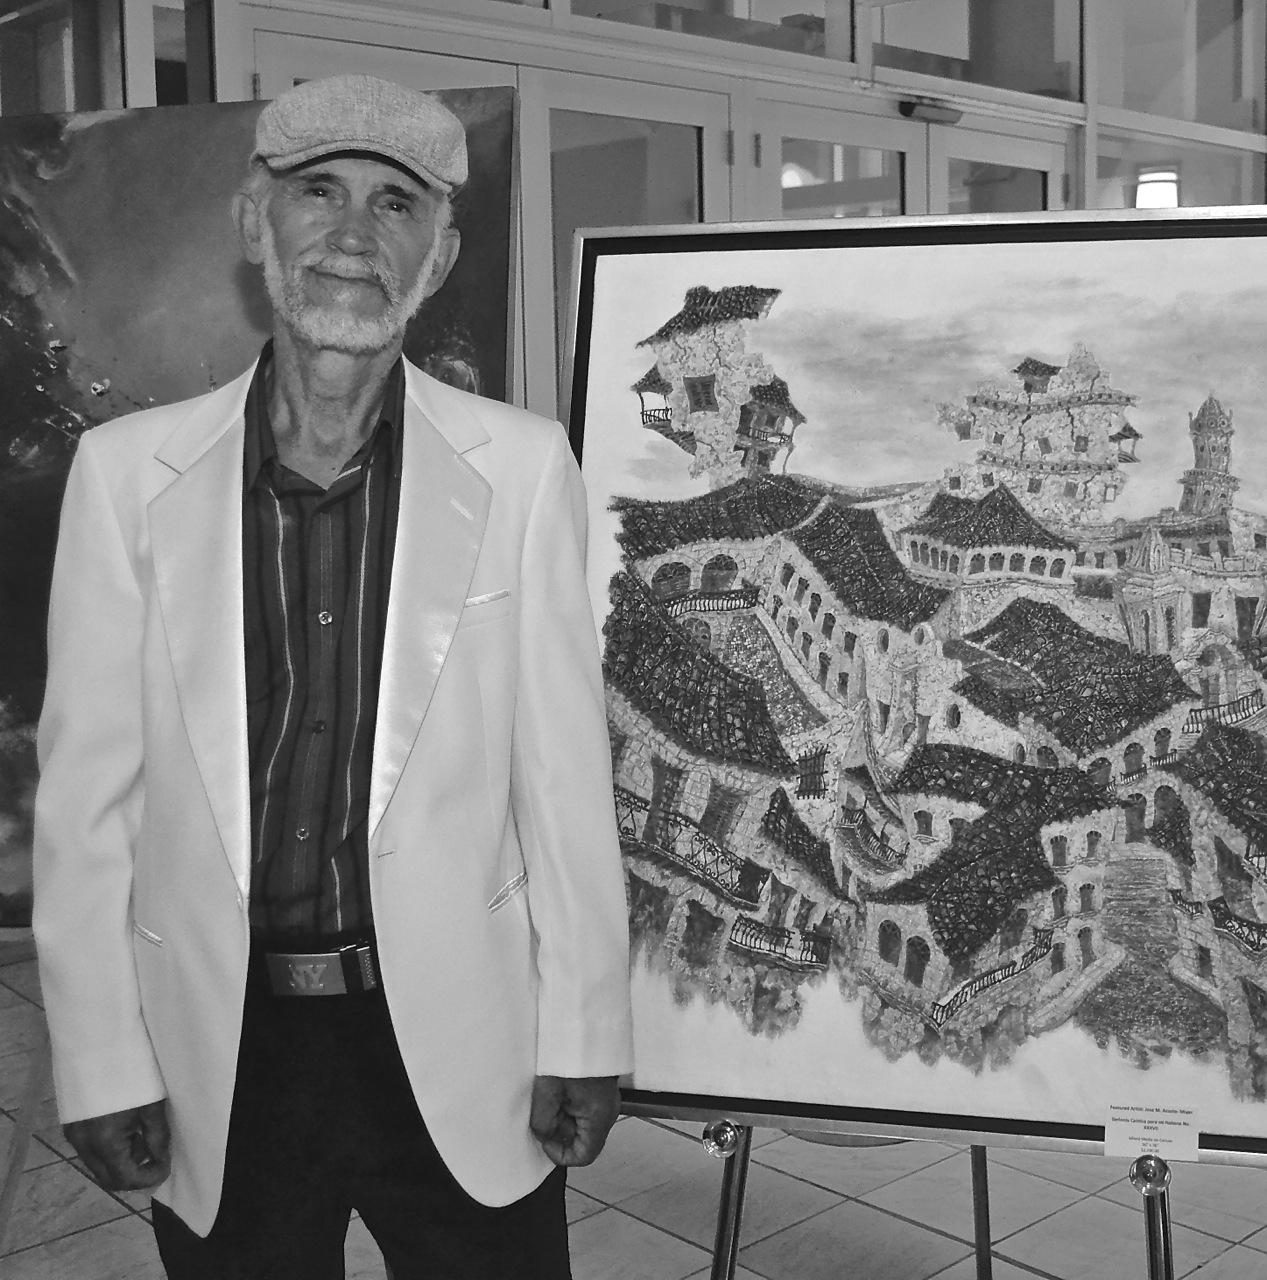 Jose Miguel Acosta Miyer